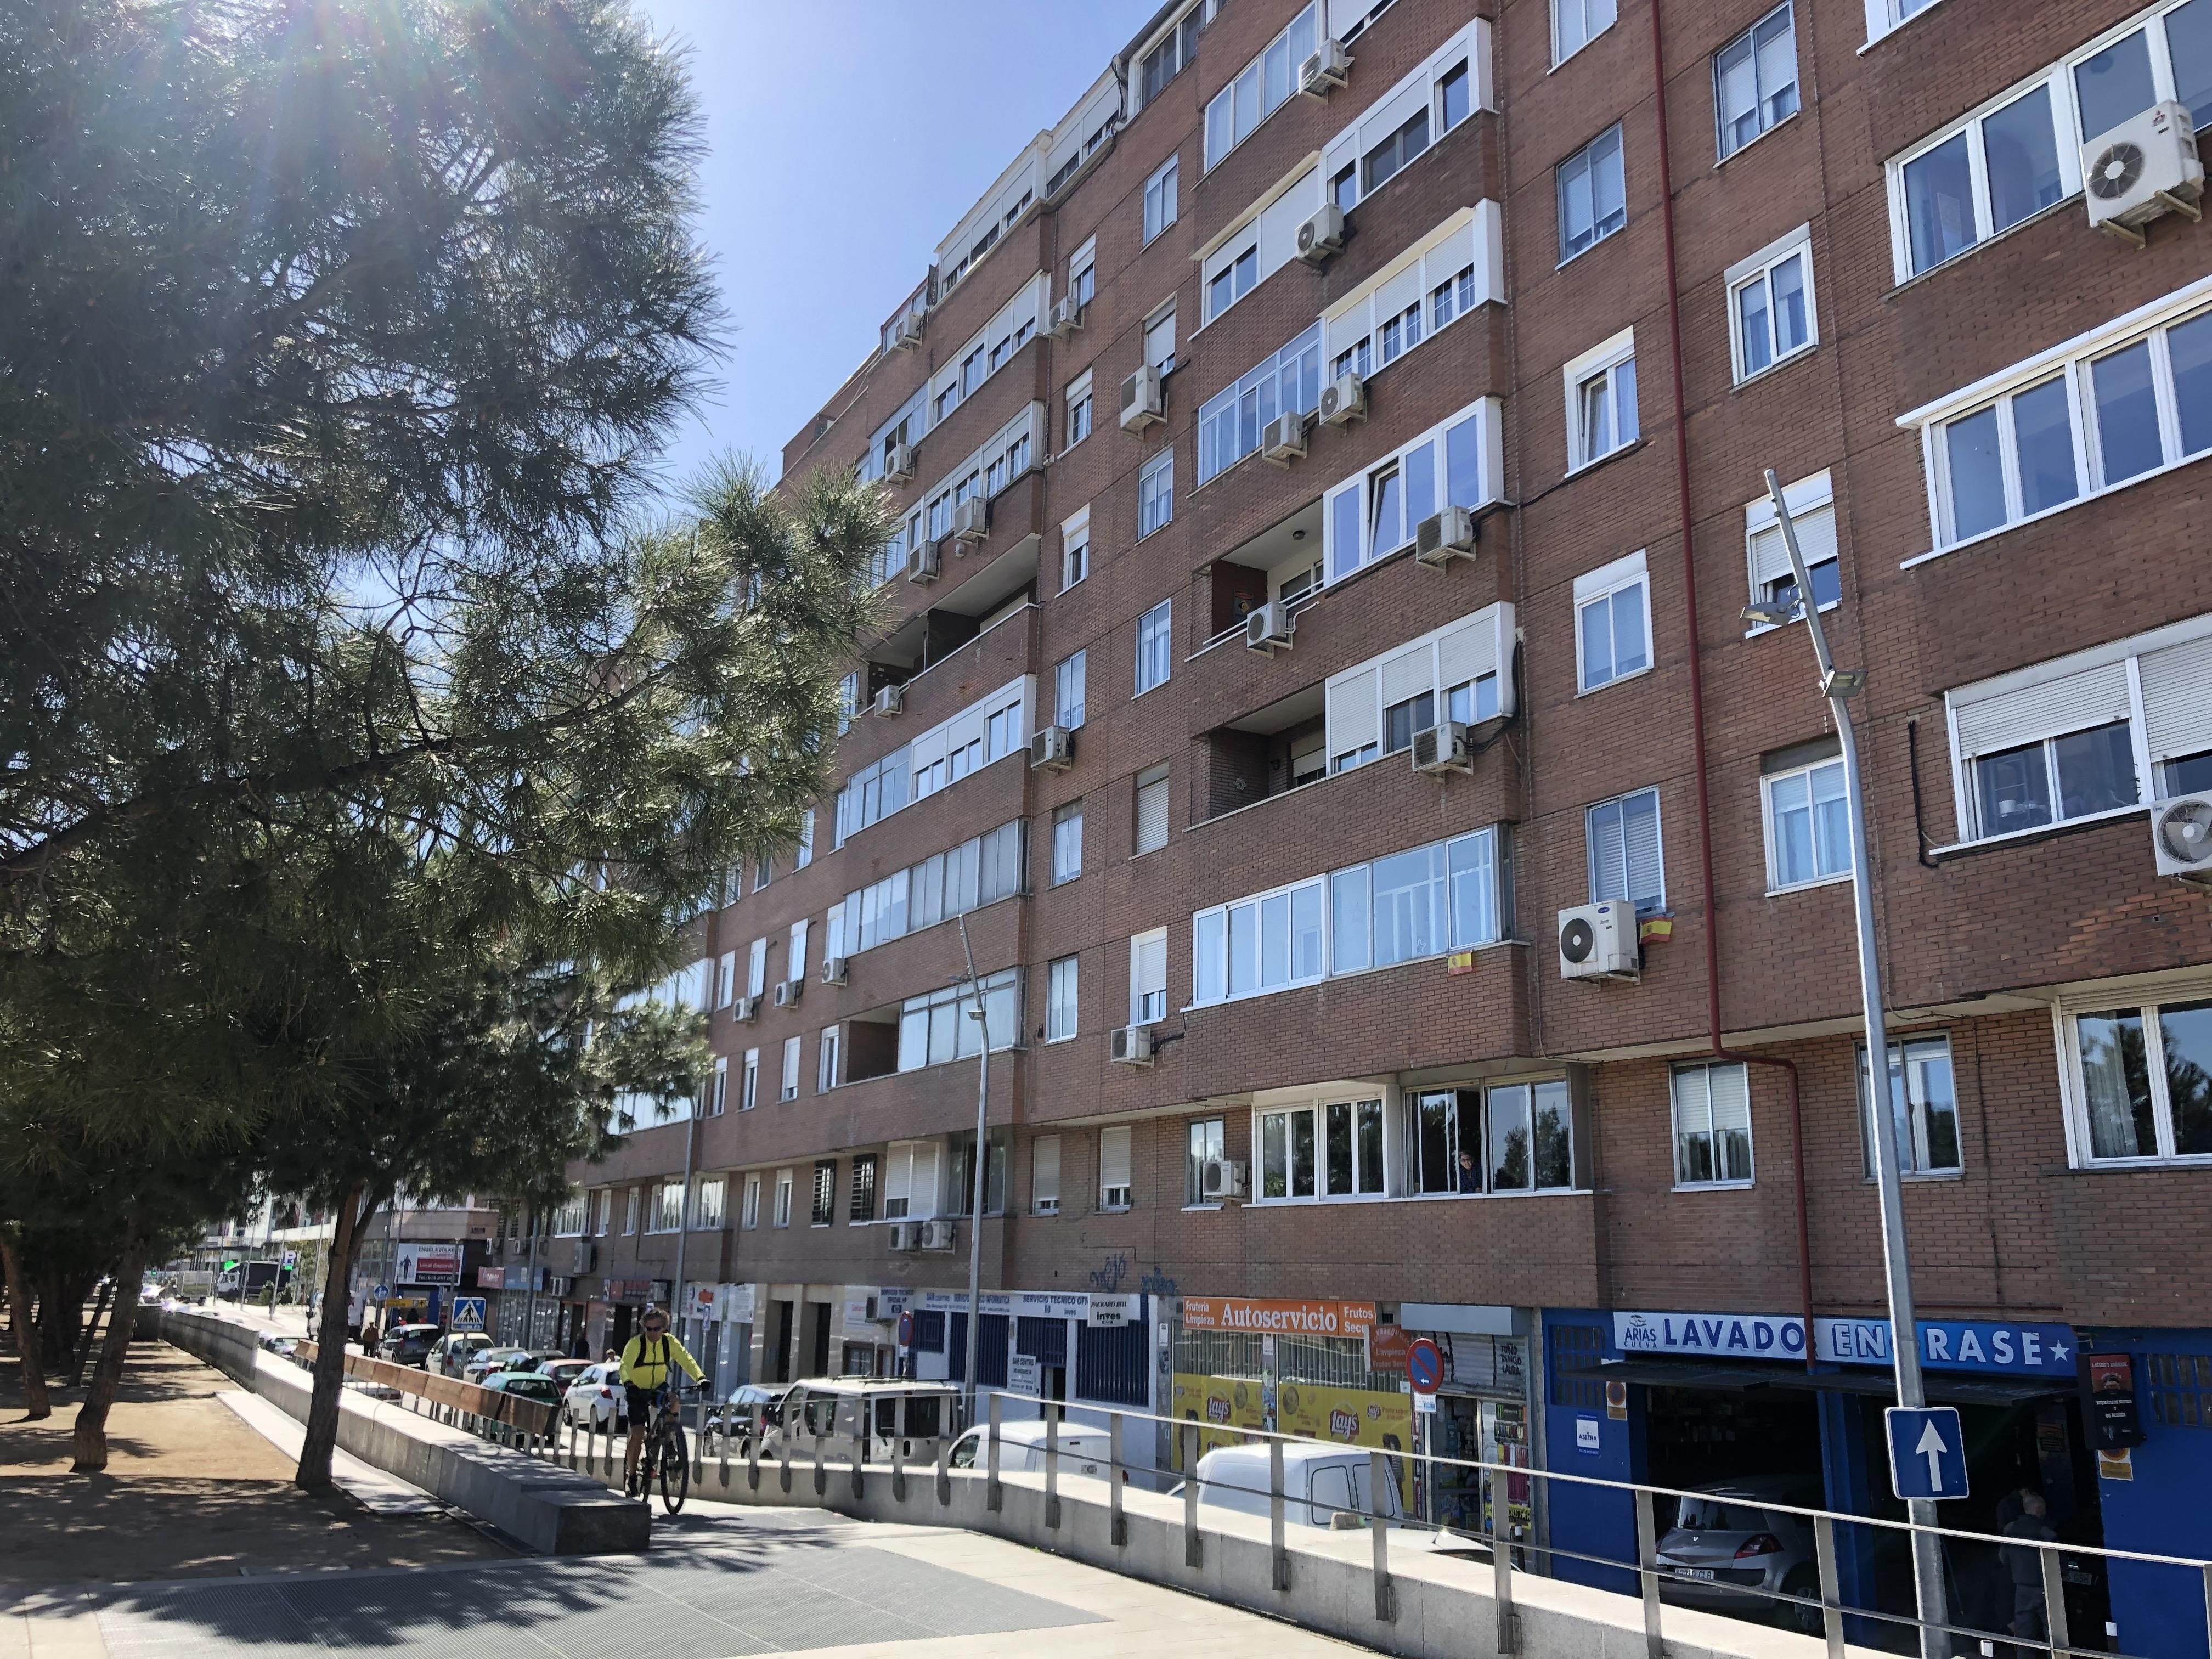 Vente a Madrid a un sitio privilegiado…